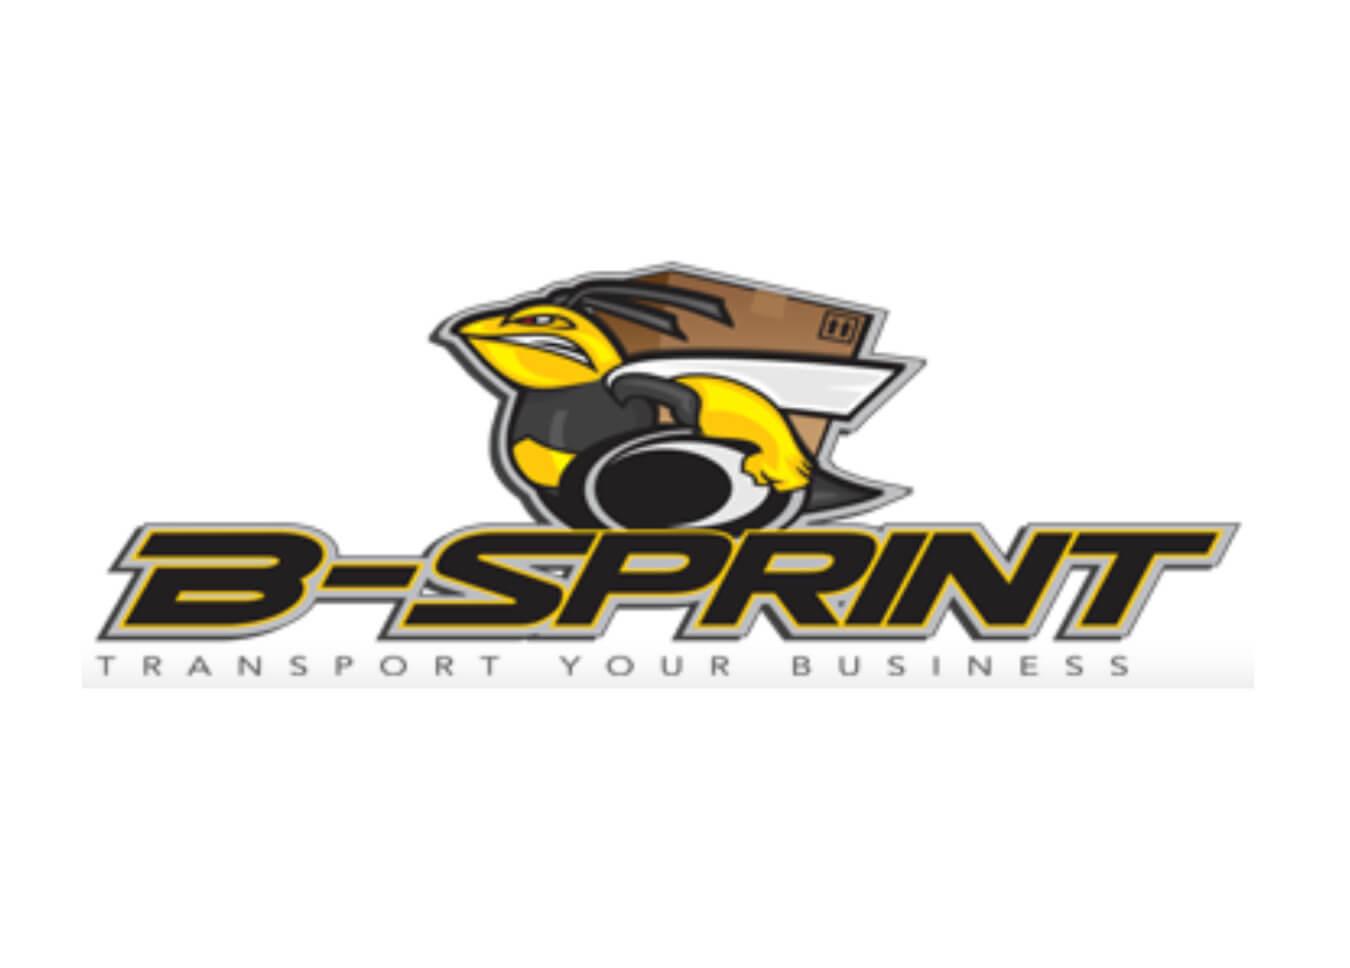 B-Sprint